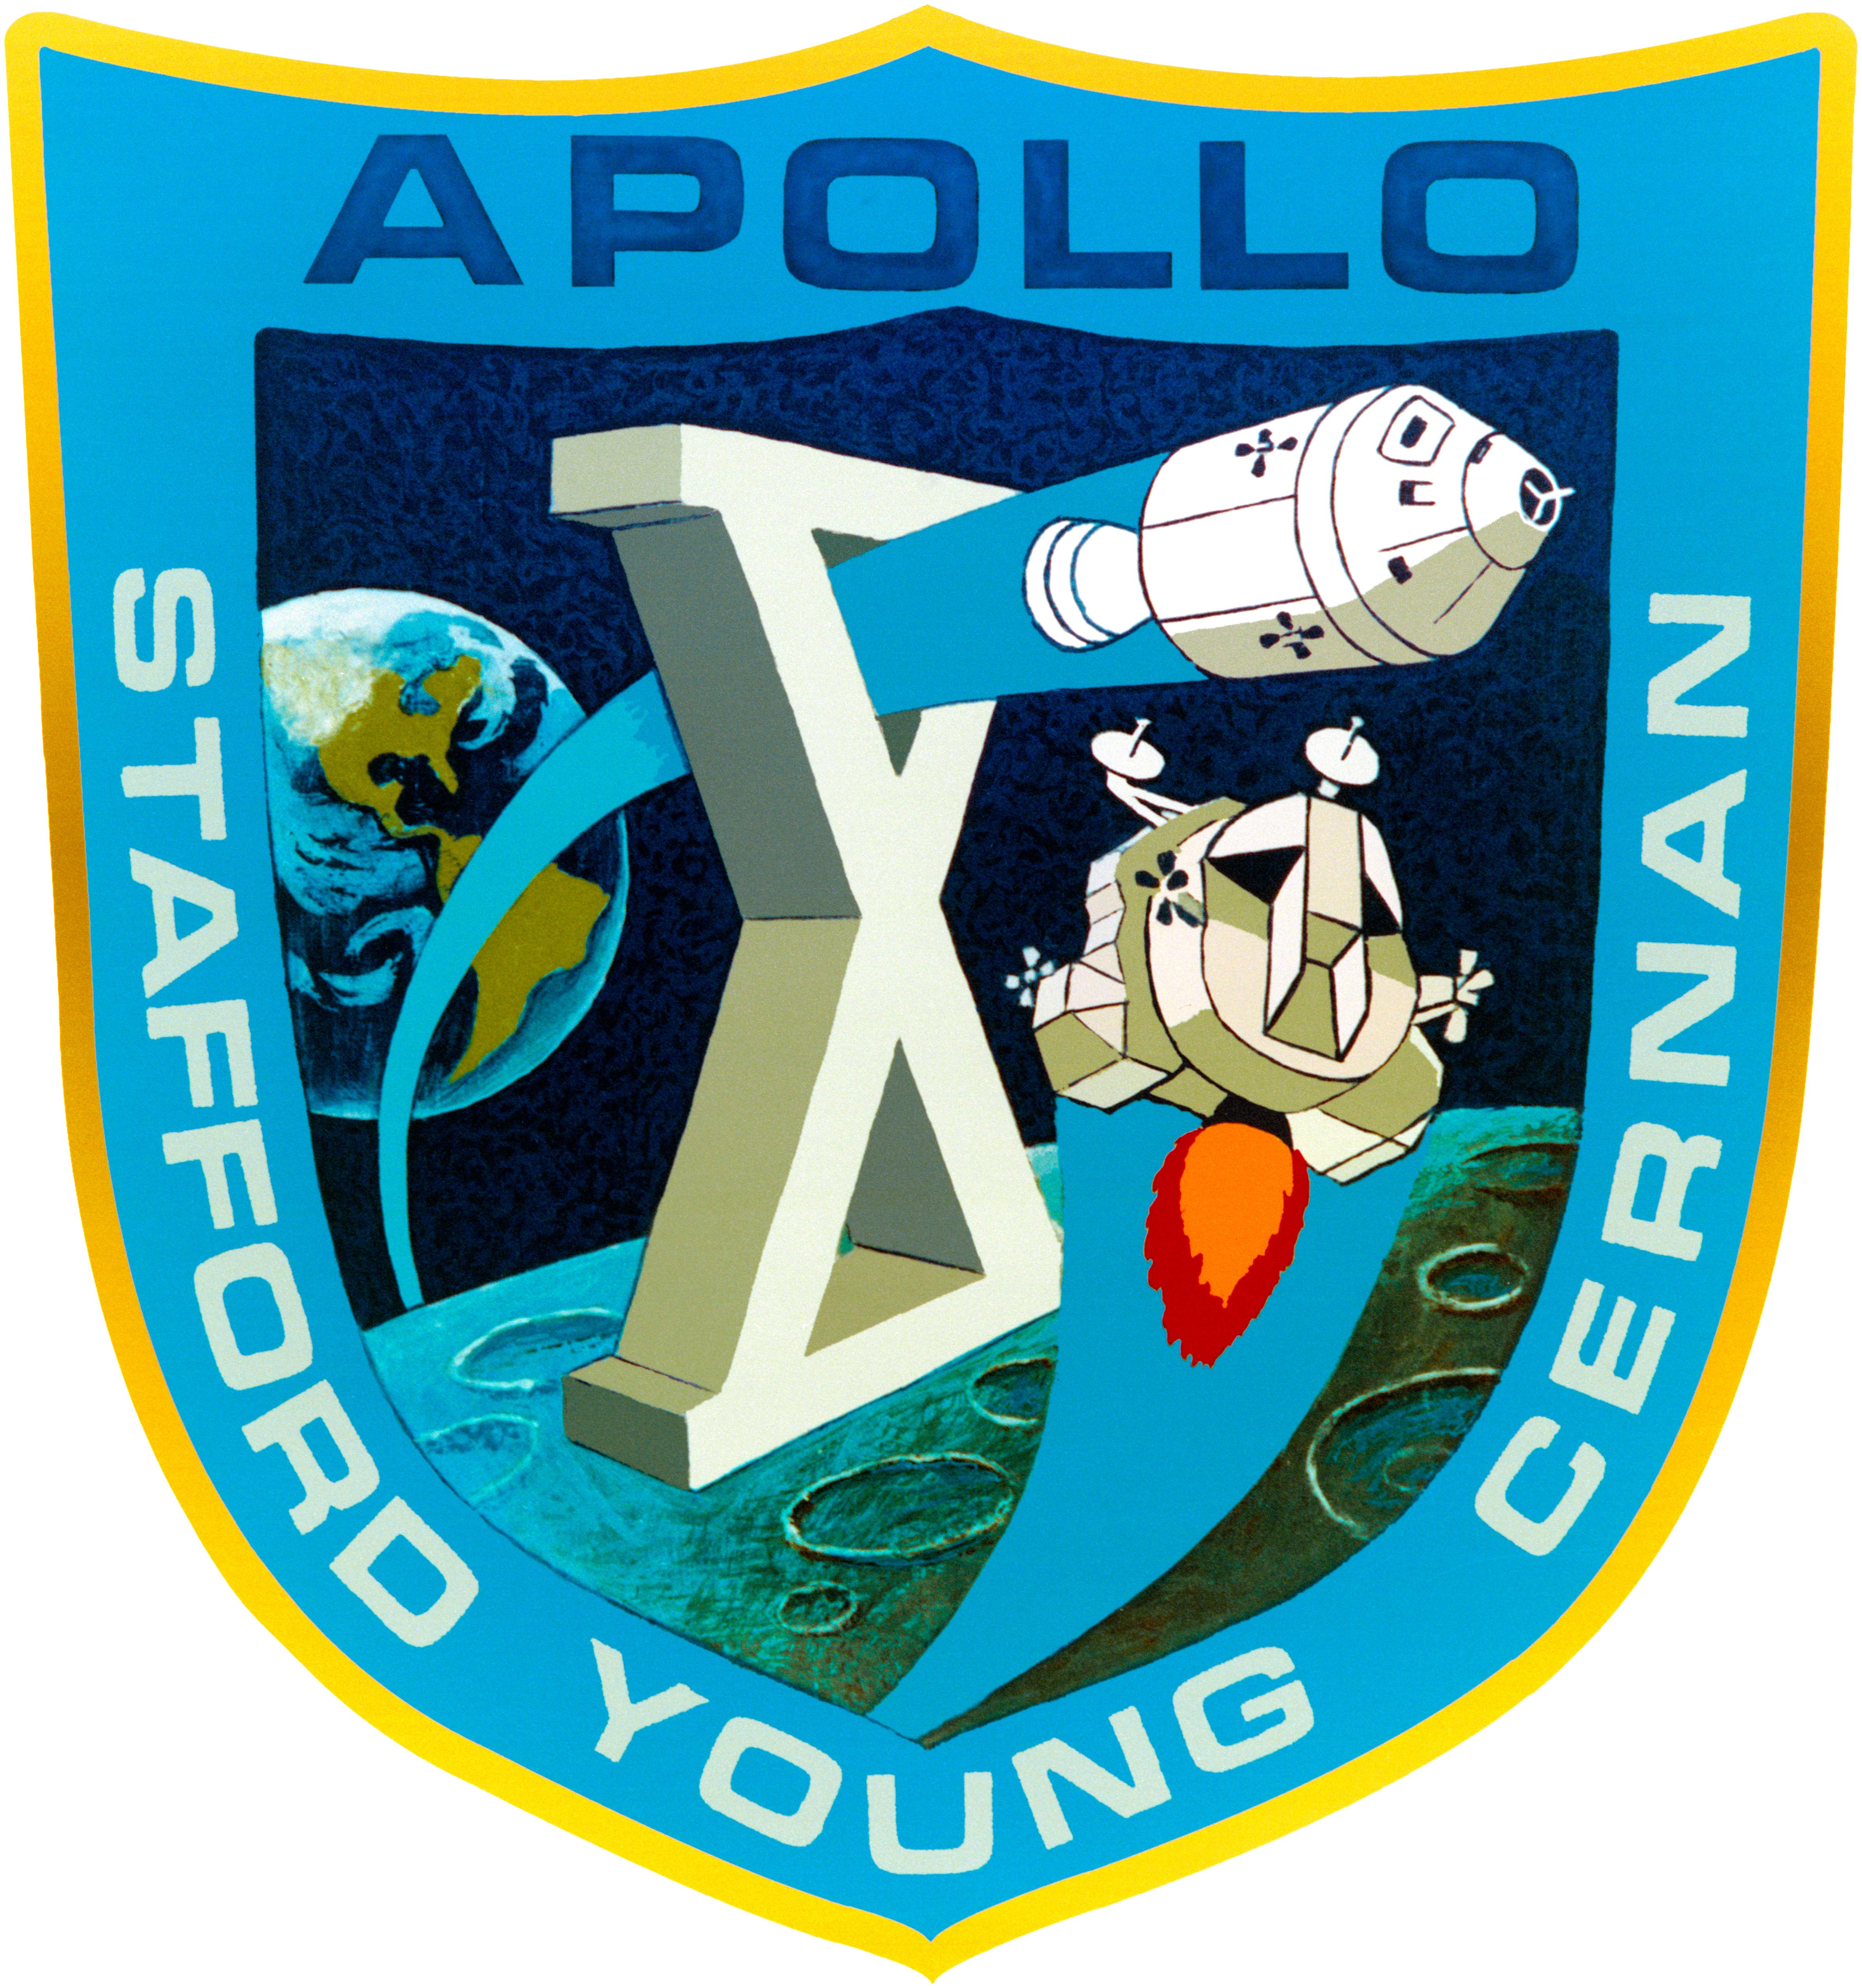 11 14 apollo mission symbol - photo #22